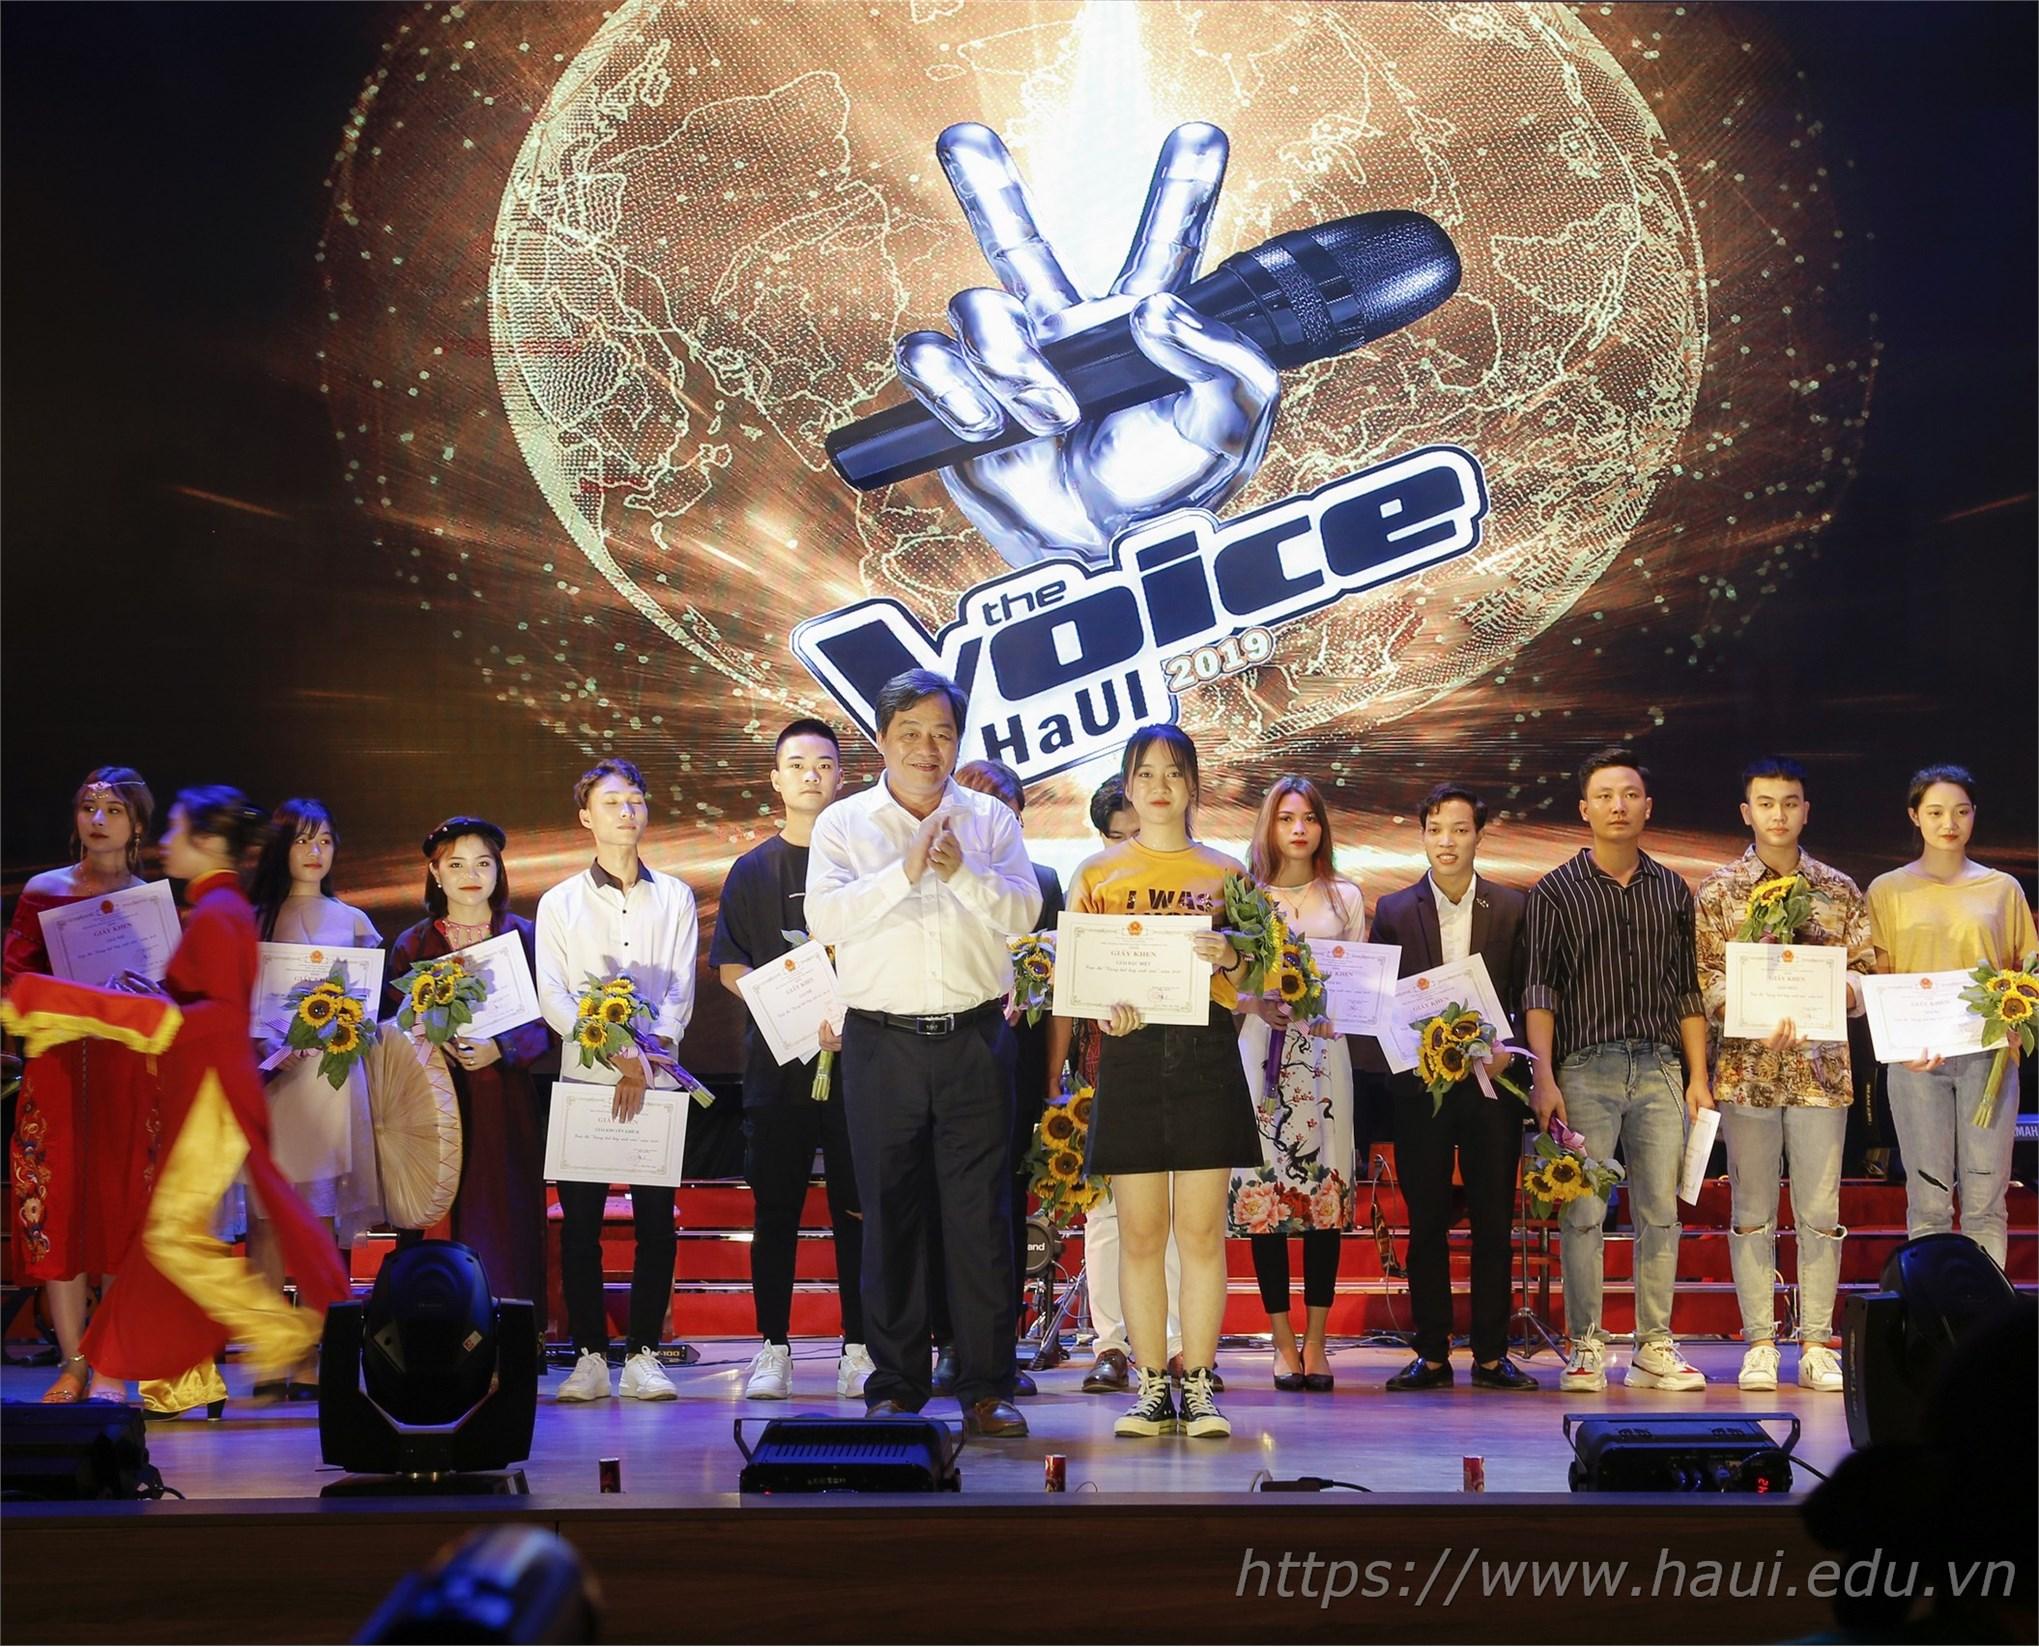 PGS.TS. Trần Đức Quý - Hiệu trưởng Nhà trường trao giải đặc biệt cho thí sinh Khương Thị Tuyến - sinh viên khoa Công nghệ Thông tin